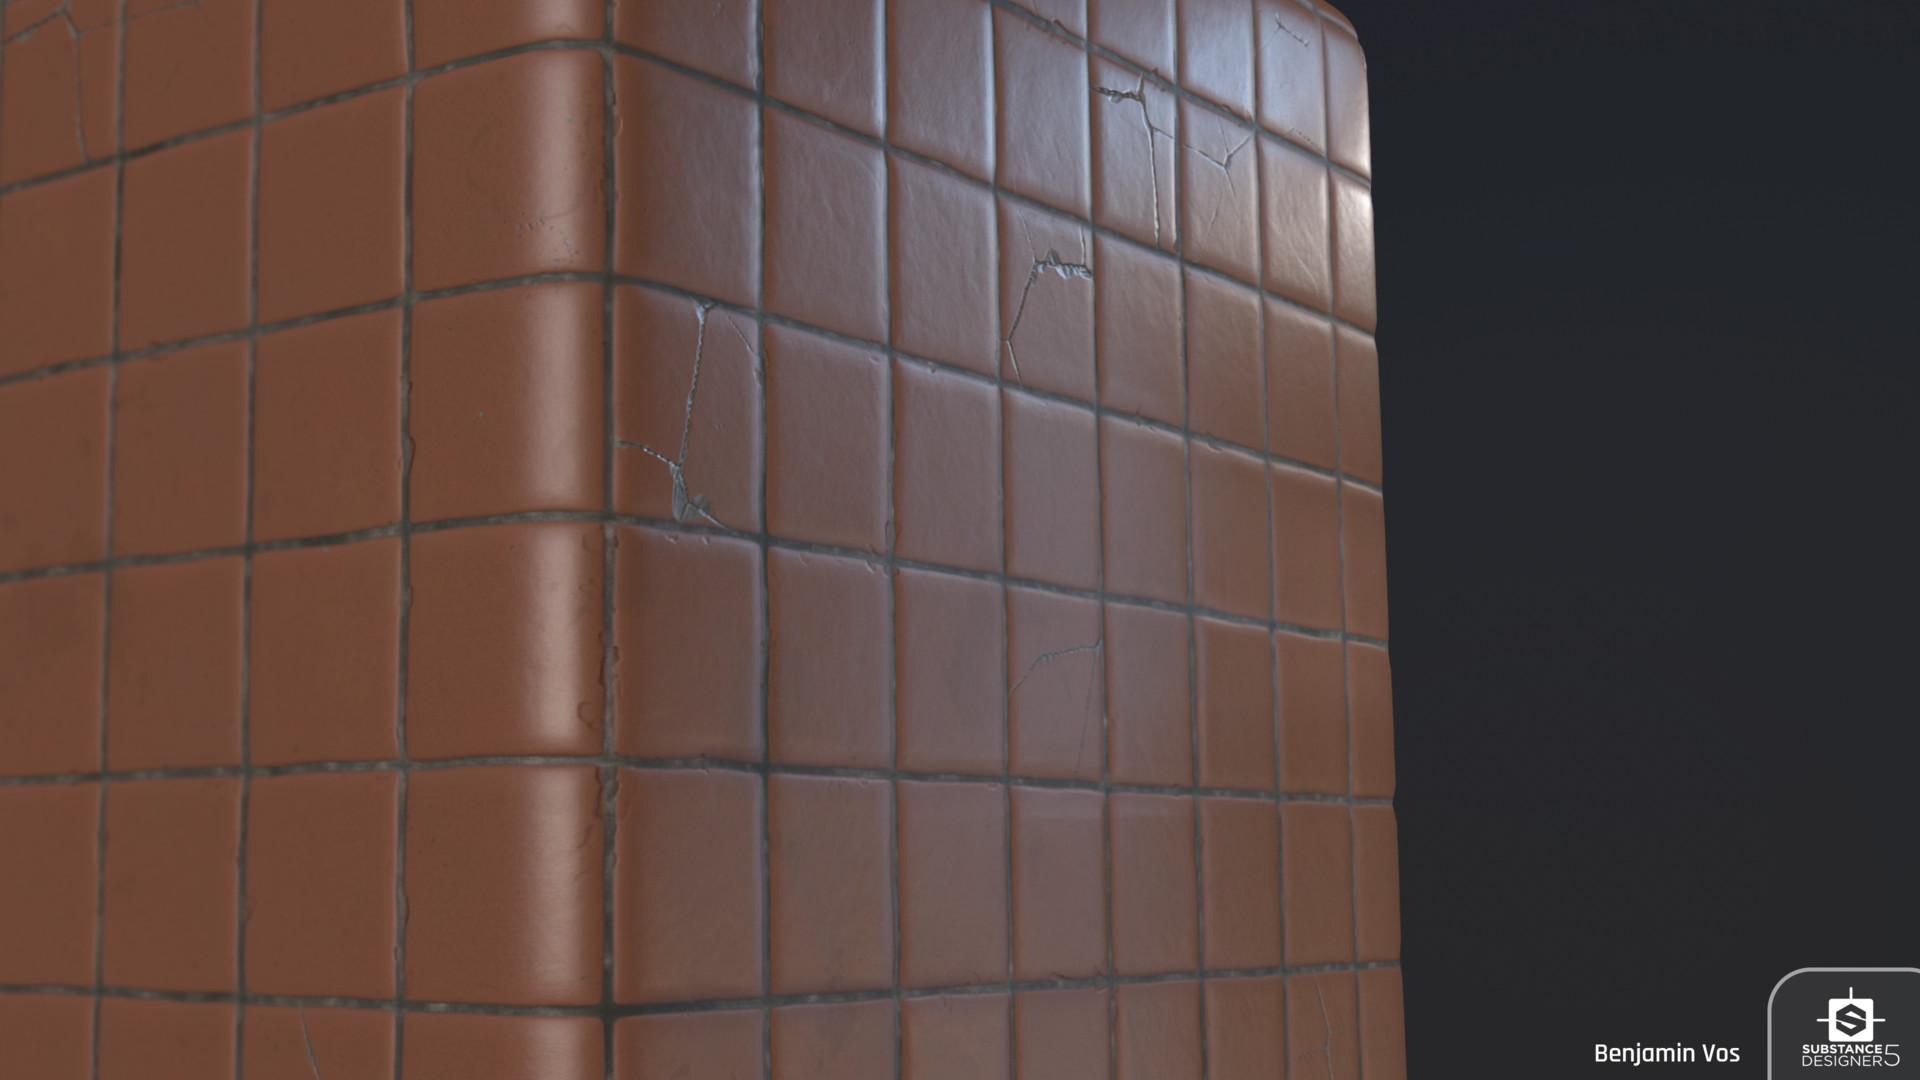 ArtStation - Ceramic Tiles, Benjamin Vos